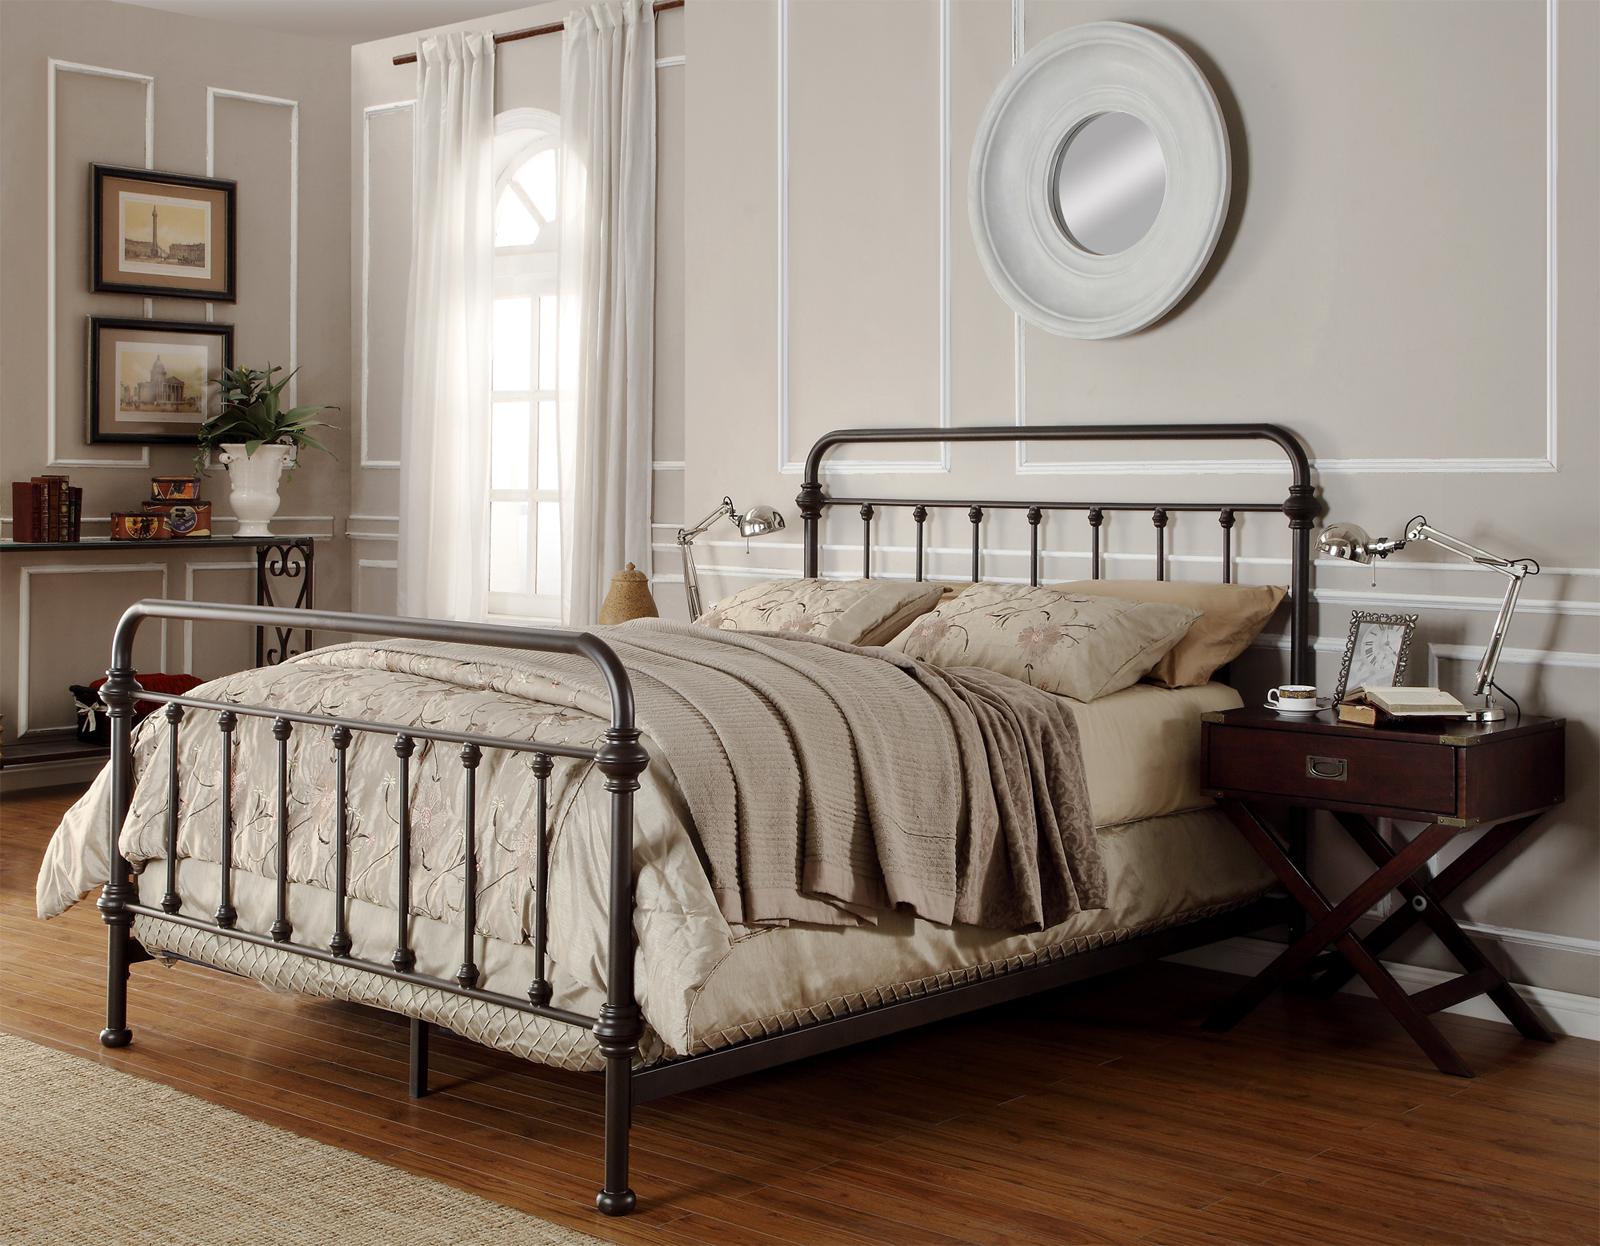 Oxford Creek Bedford King Metal Bed In Vintage Bronzed